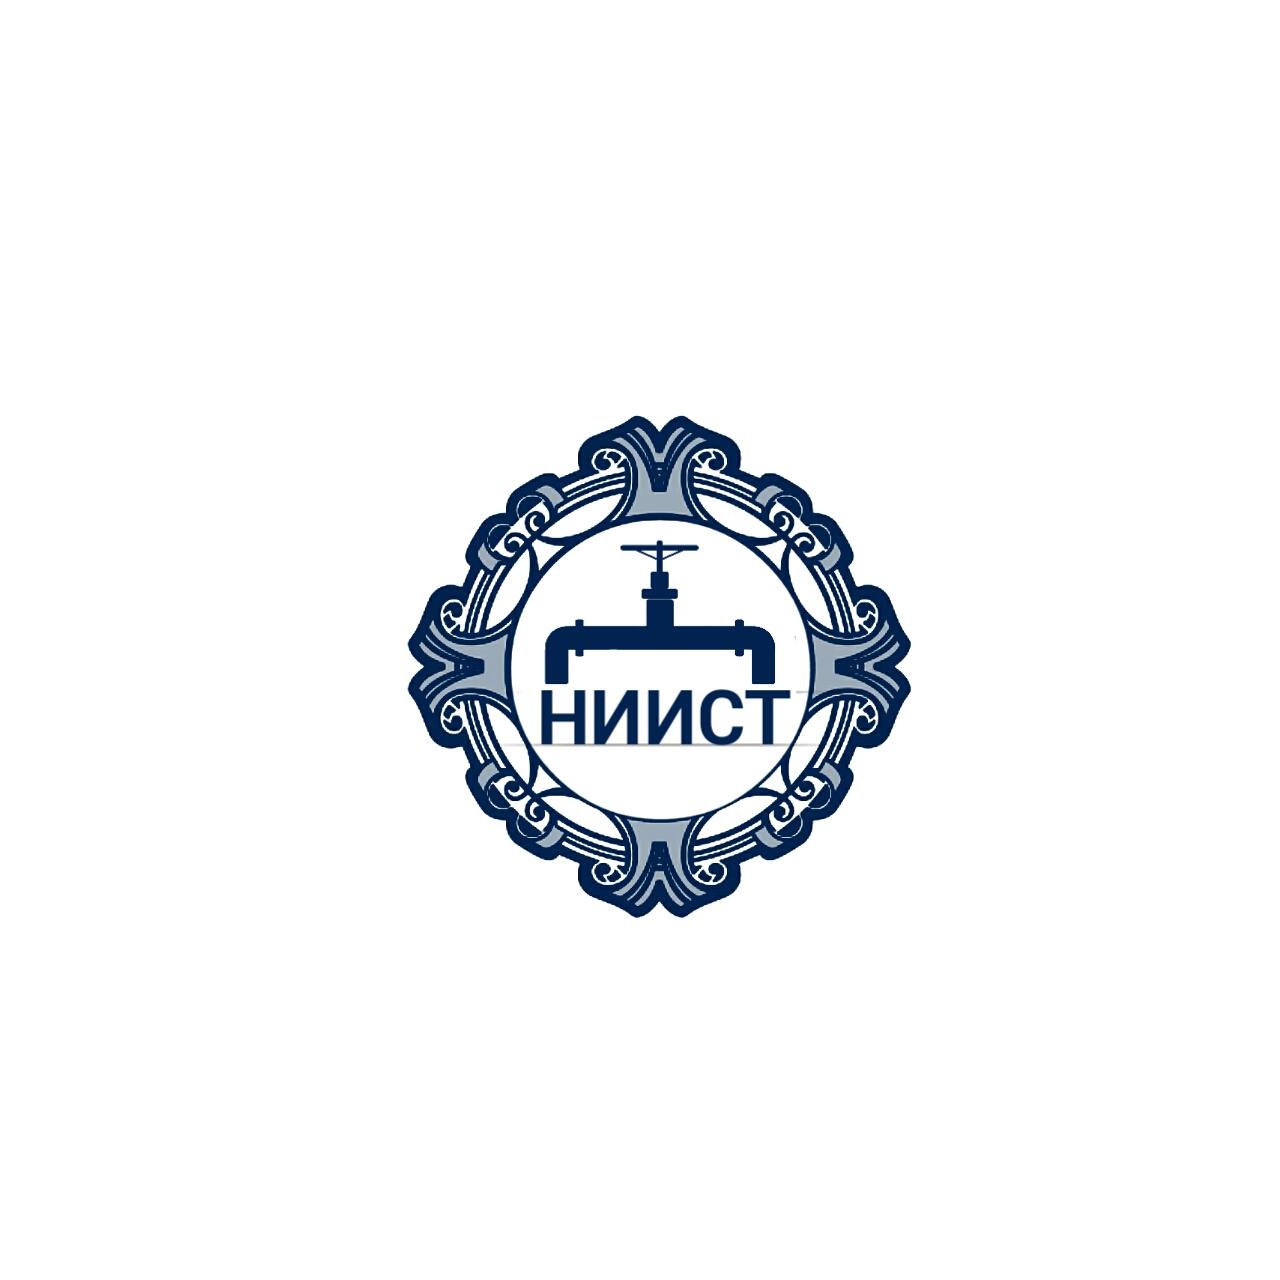 Разработка логотипа фото f_0655b9d2fadc68fd.jpg